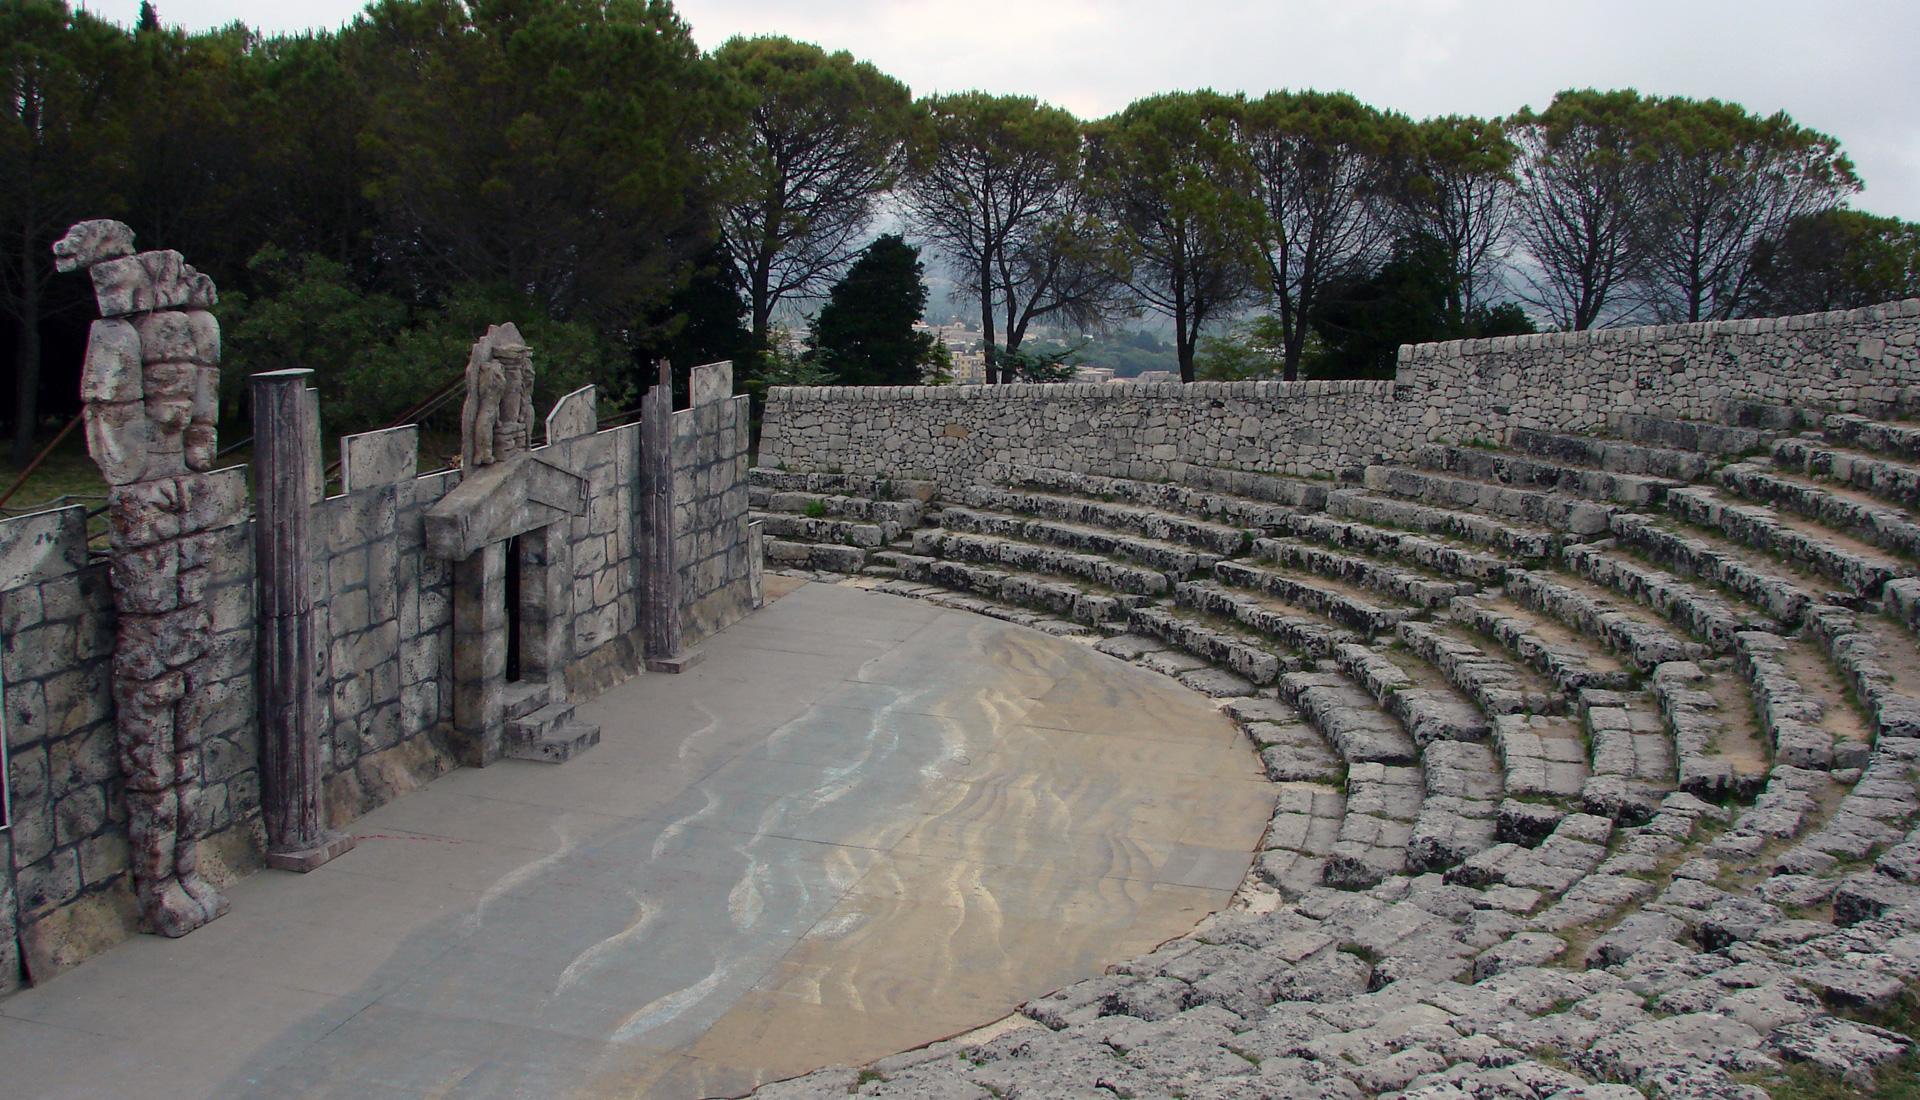 Teatro Greco Palazzolo Acreide